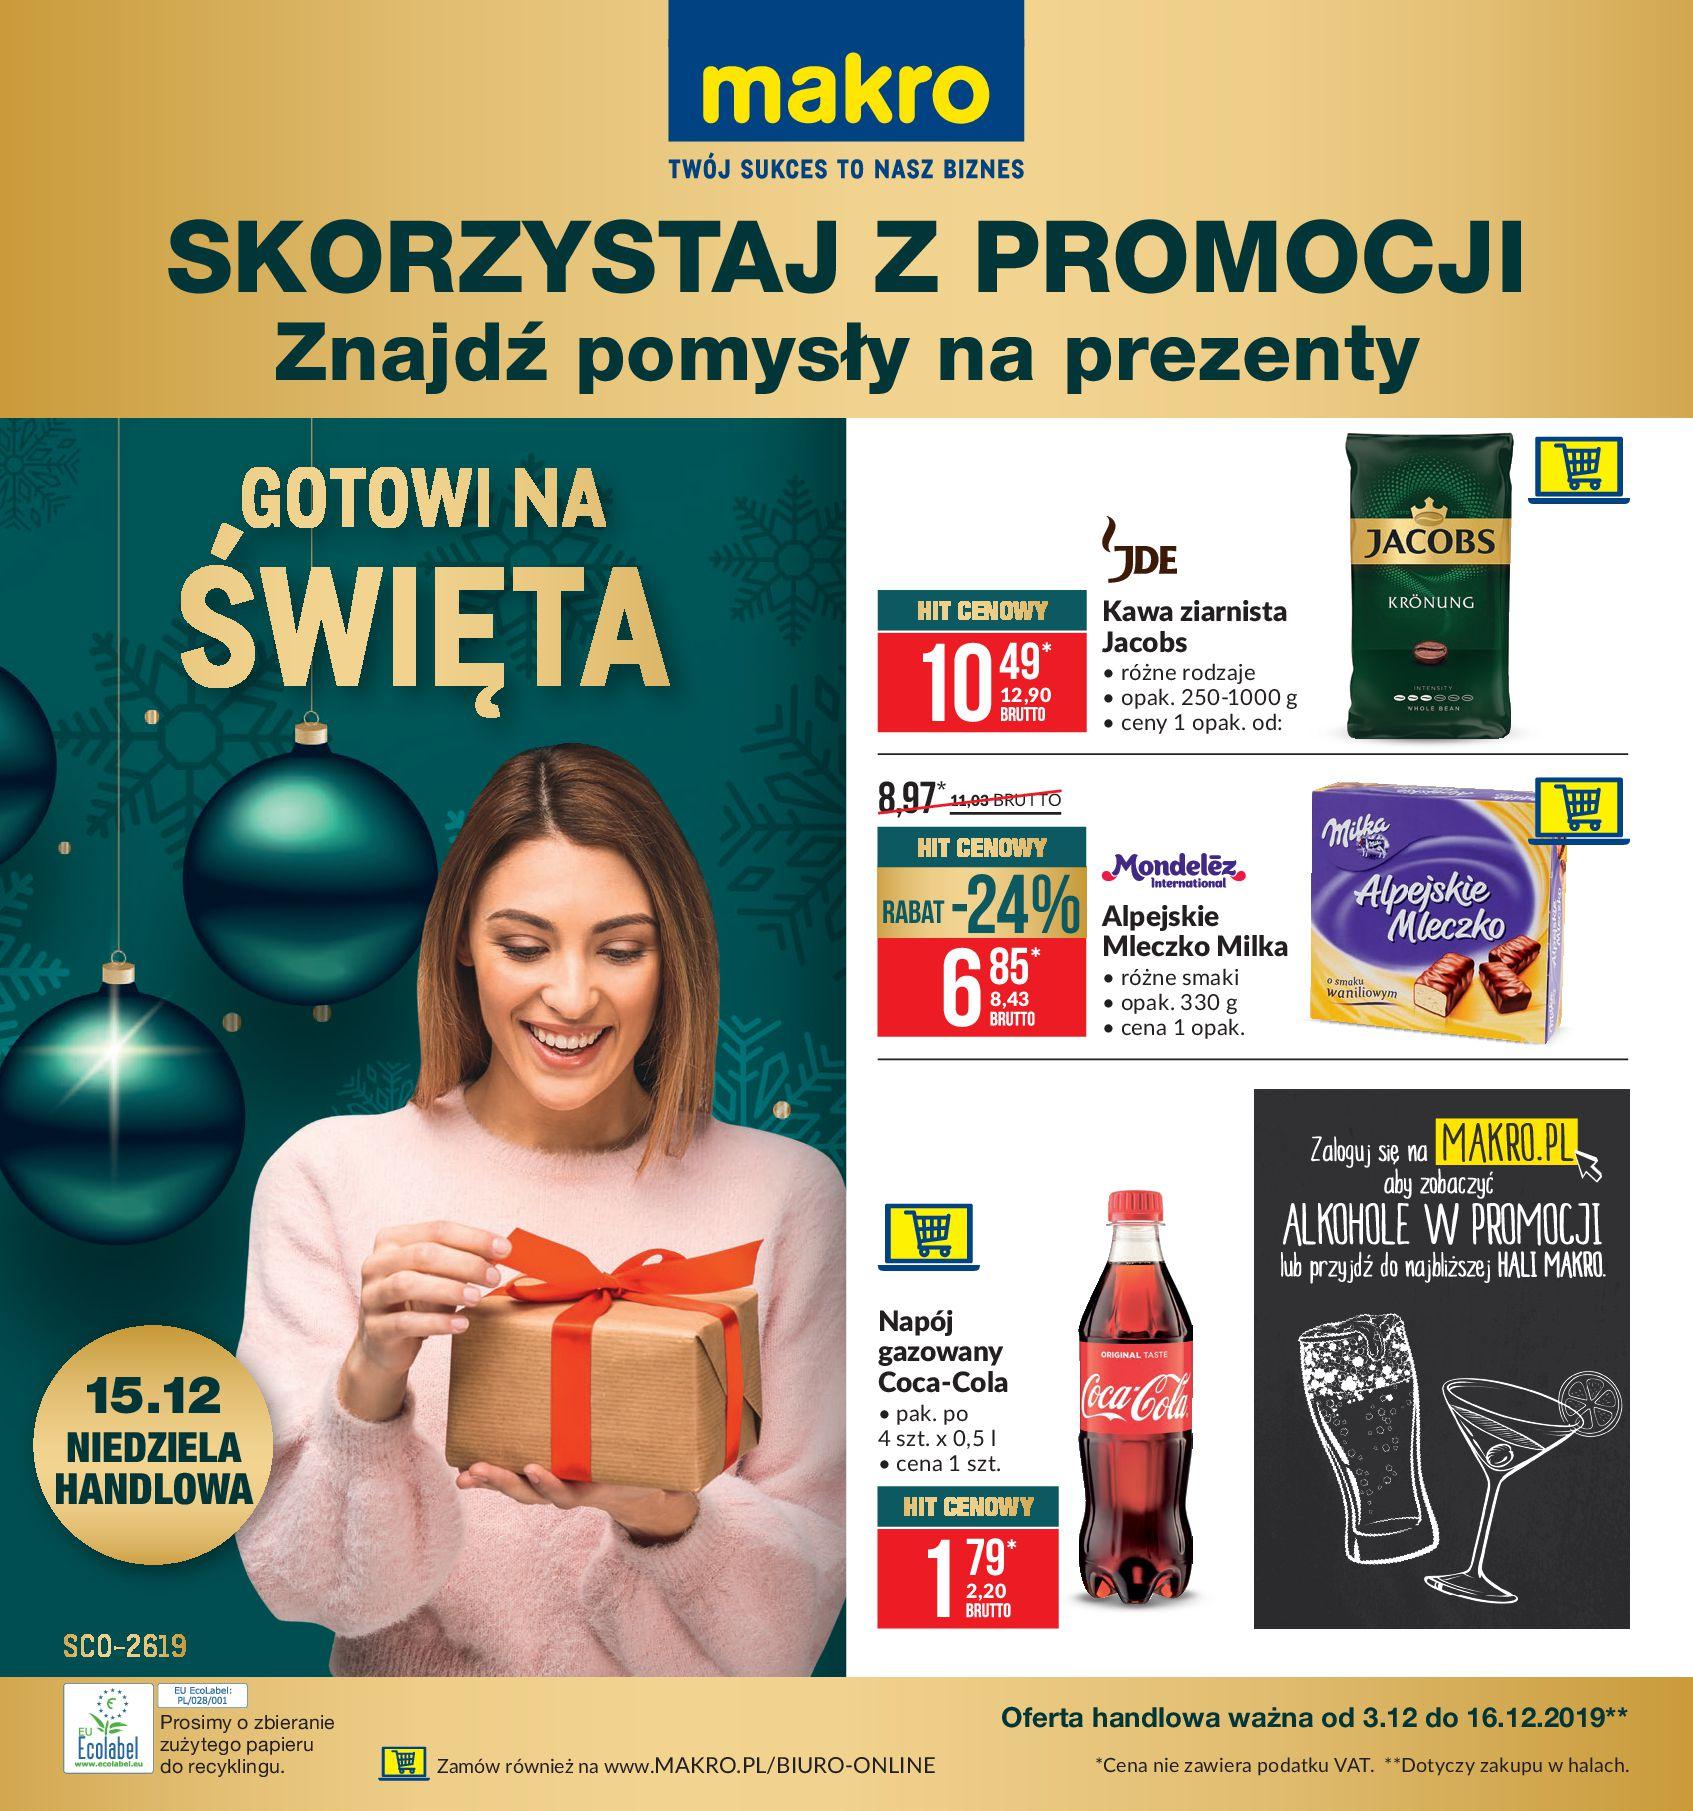 Gazetka Makro - Artykuły spożywcze-02.12.2019-16.12.2019-page-1